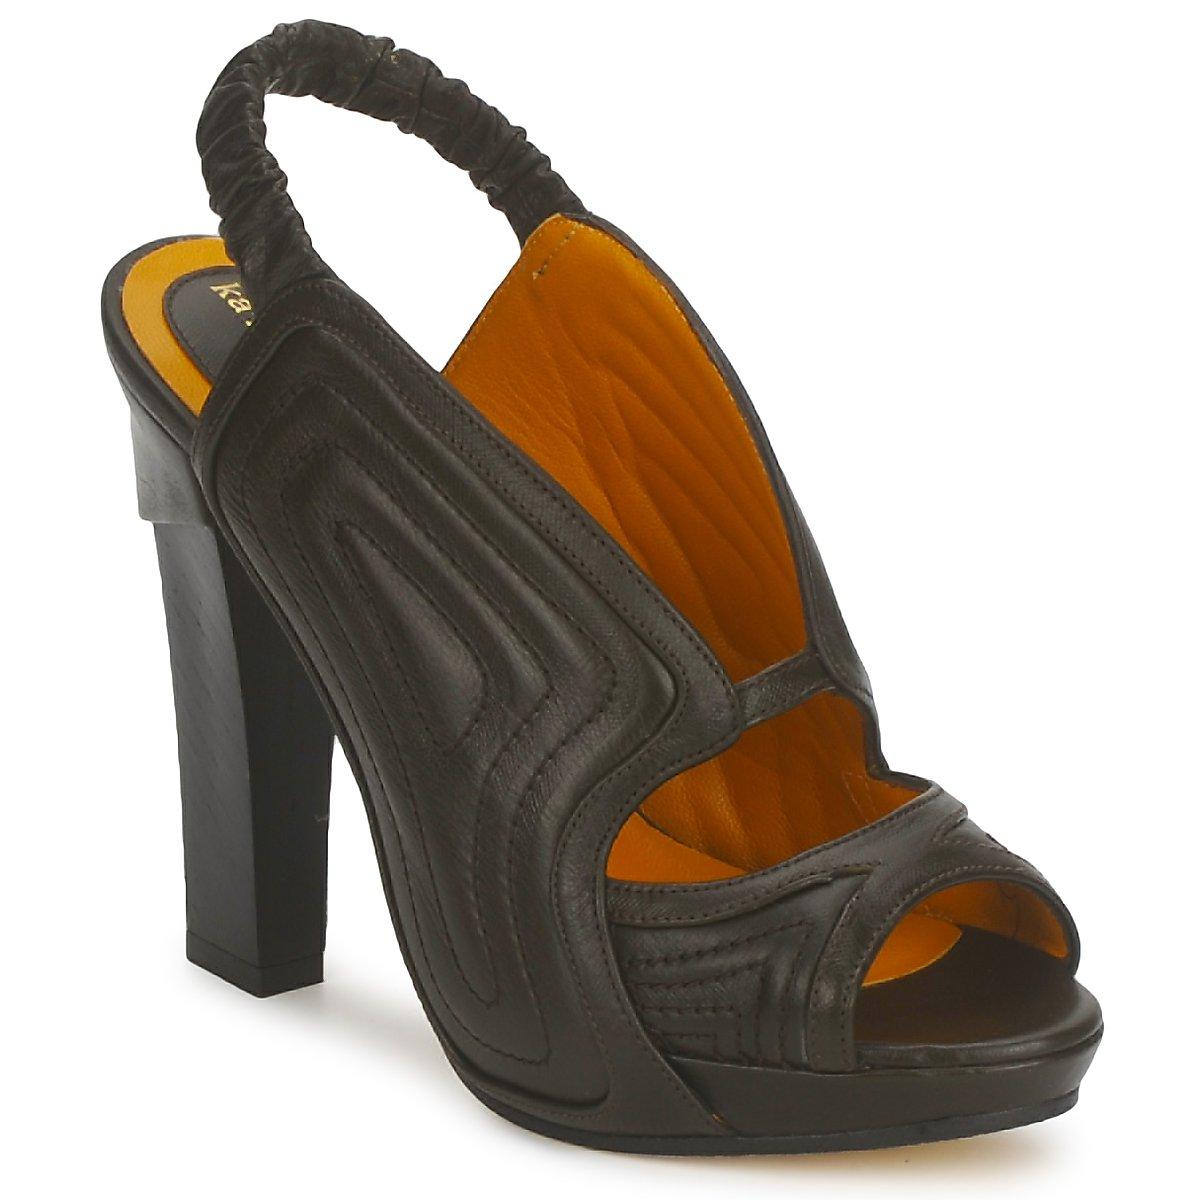 Karine Arabian ORPHEE Schwarz - Kostenloser Versand bei Spartoode ! - Schuhe Sandalen / Sandaletten Damen 274,50 €